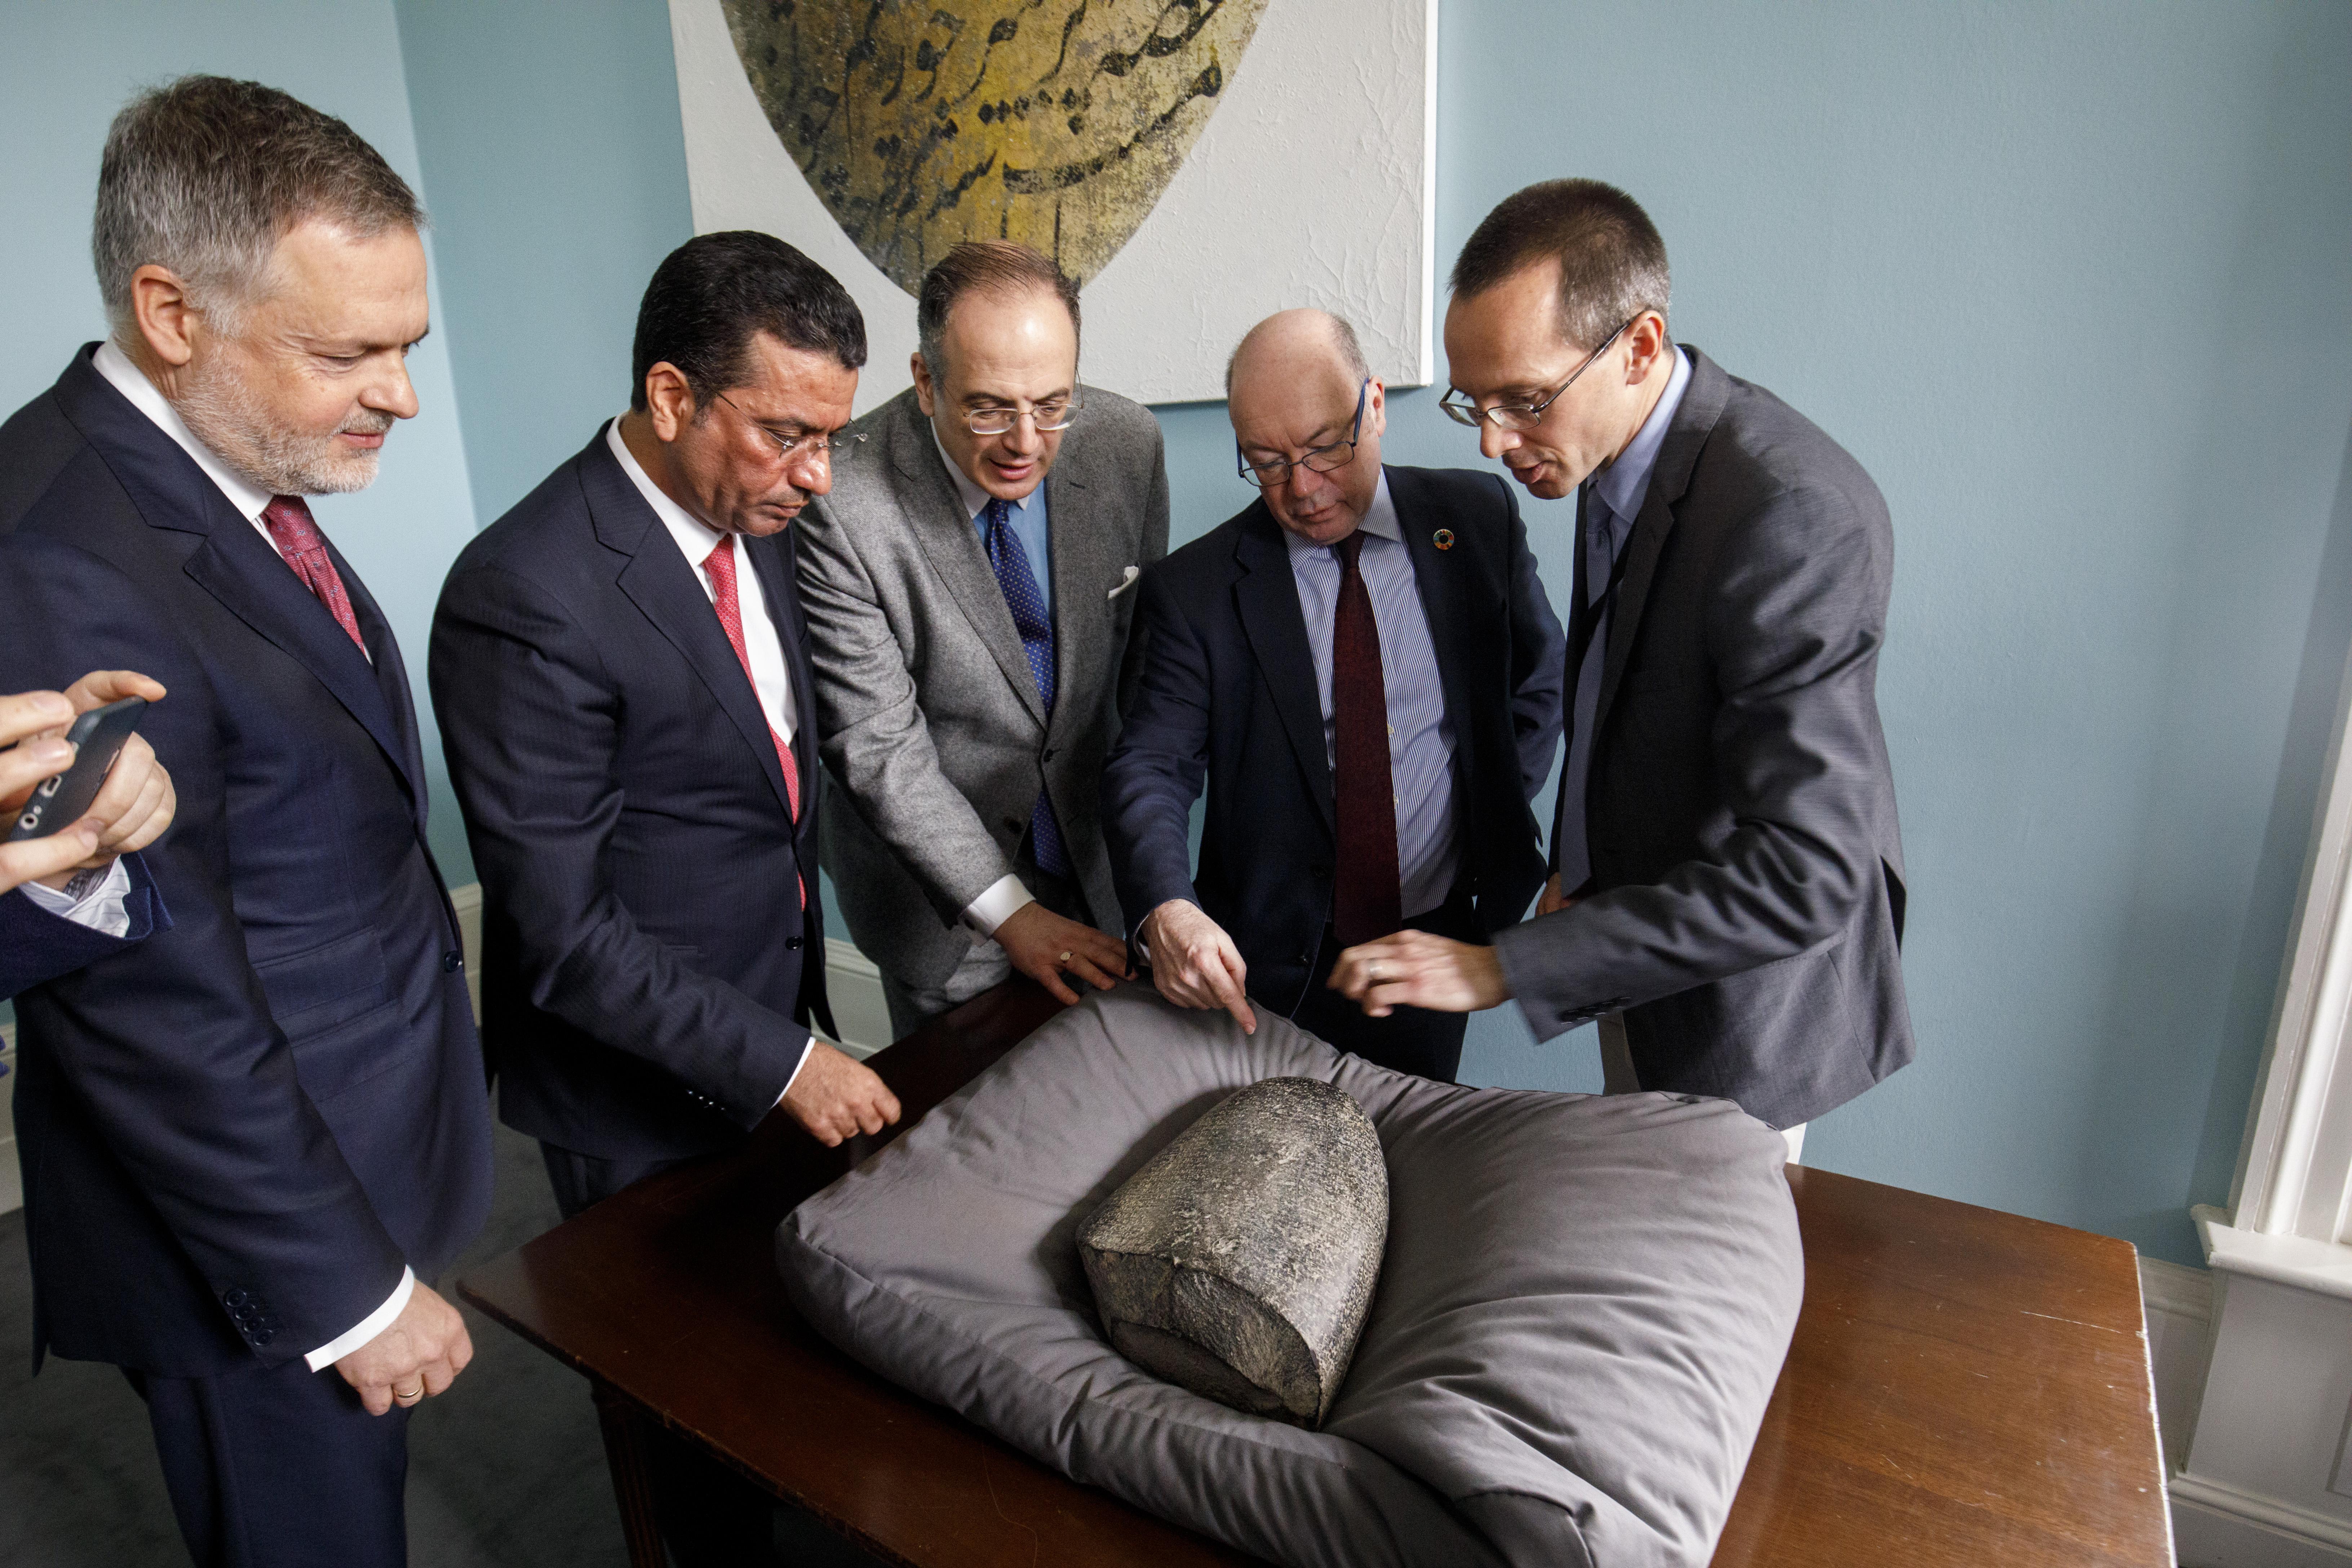 Tolga Akmen | Agence France-Presse